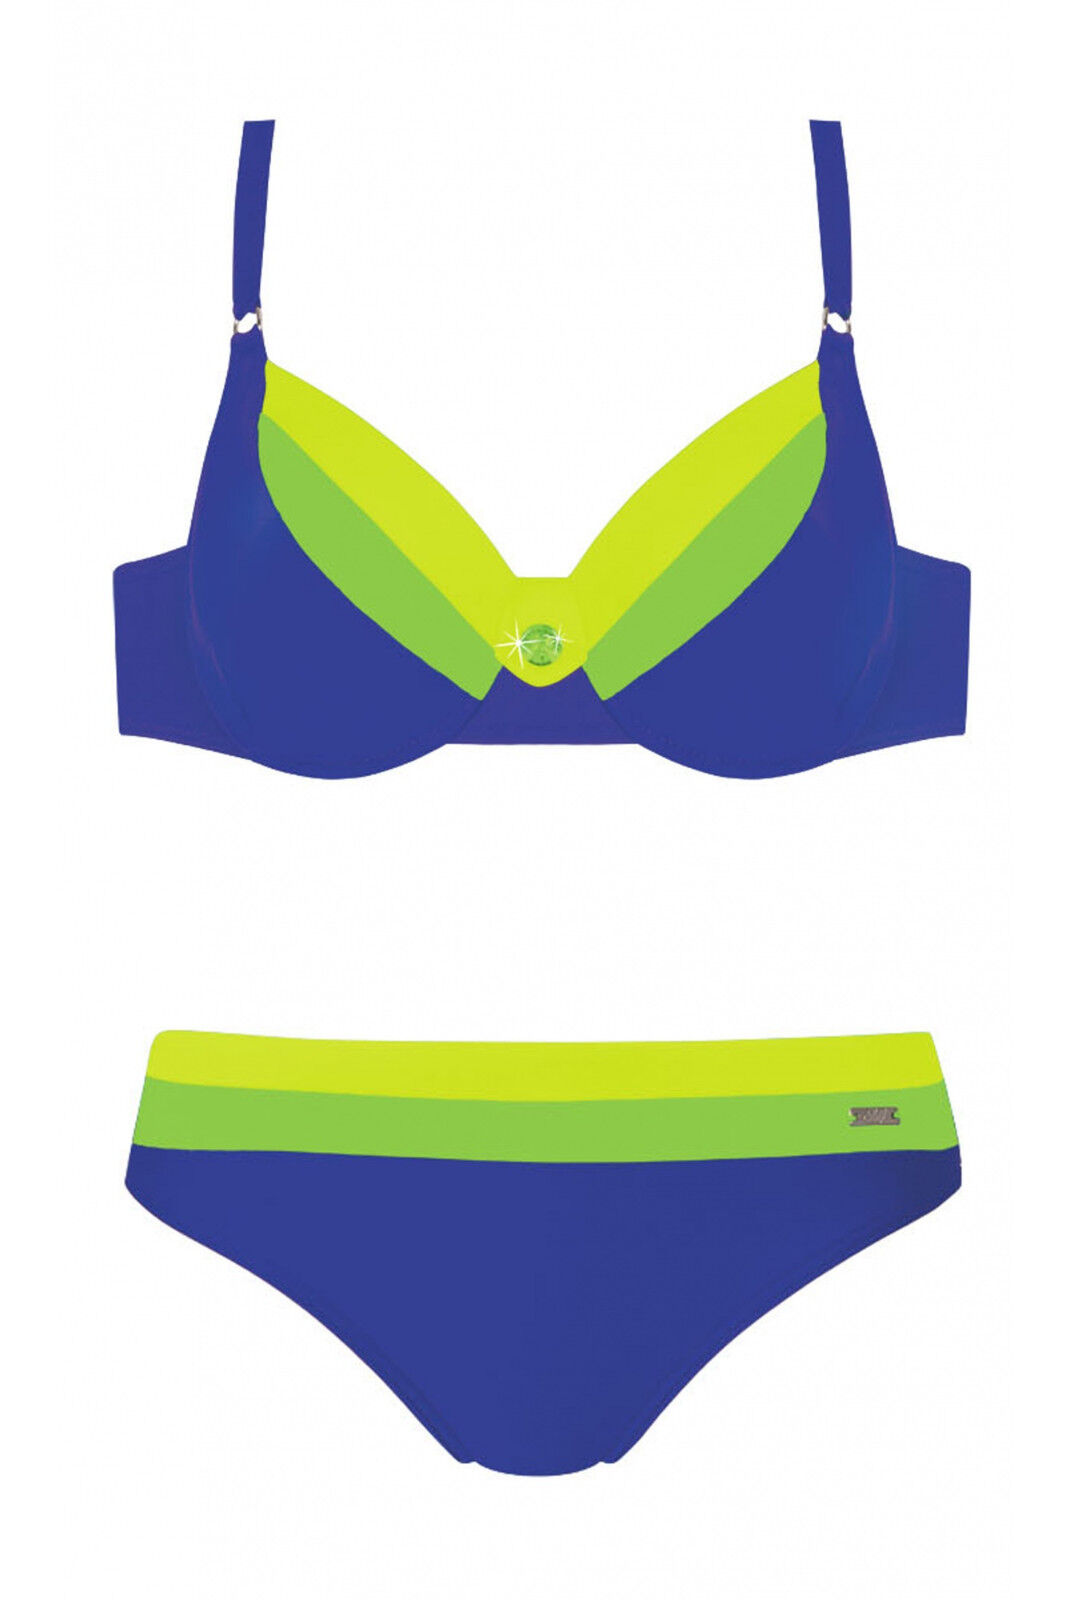 SELF COLLECTION Bikini Gr.36-38 Cup C-D C-D C-D Mod.S772K3 NEU | Online Store  | Neue Sorten werden eingeführt  571135